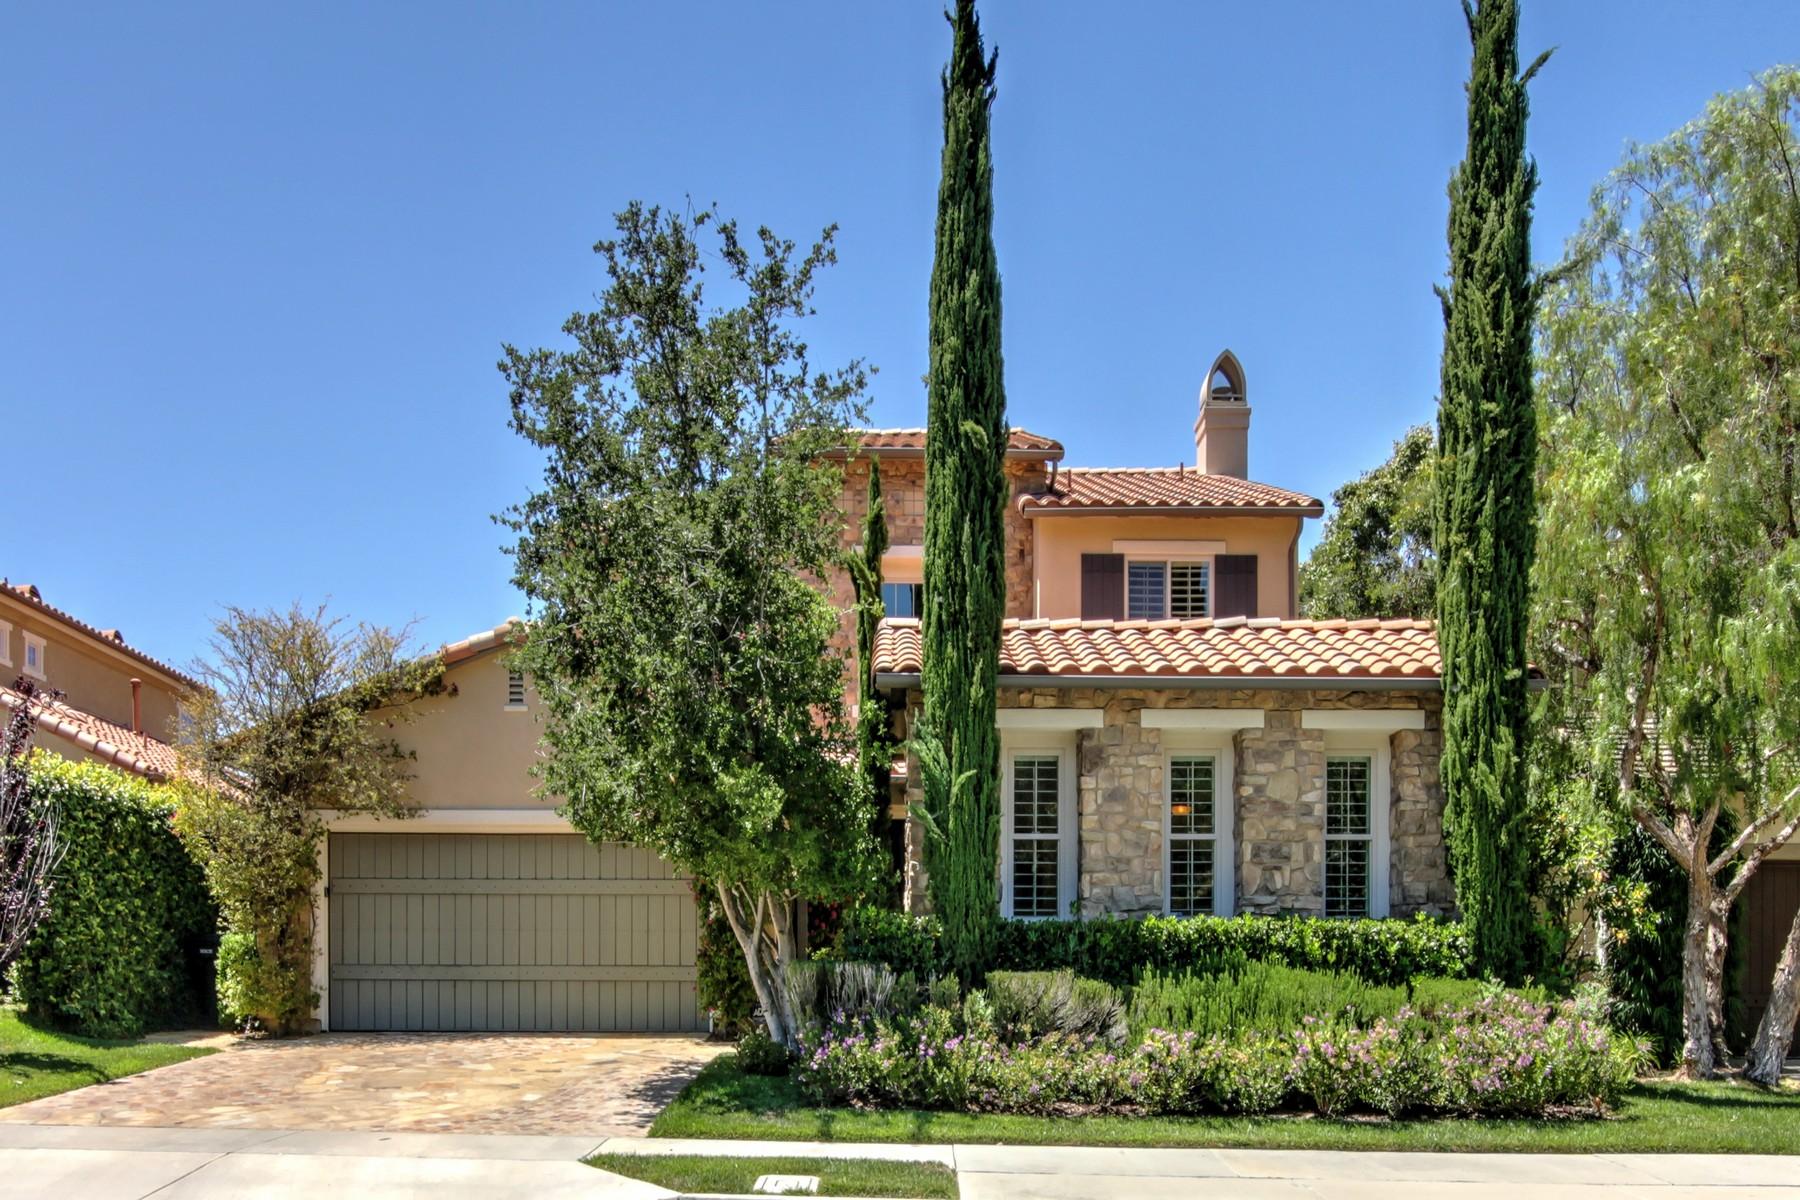 一戸建て のために 売買 アット 31 Via Cartama San Clemente, カリフォルニア, 92673 アメリカ合衆国